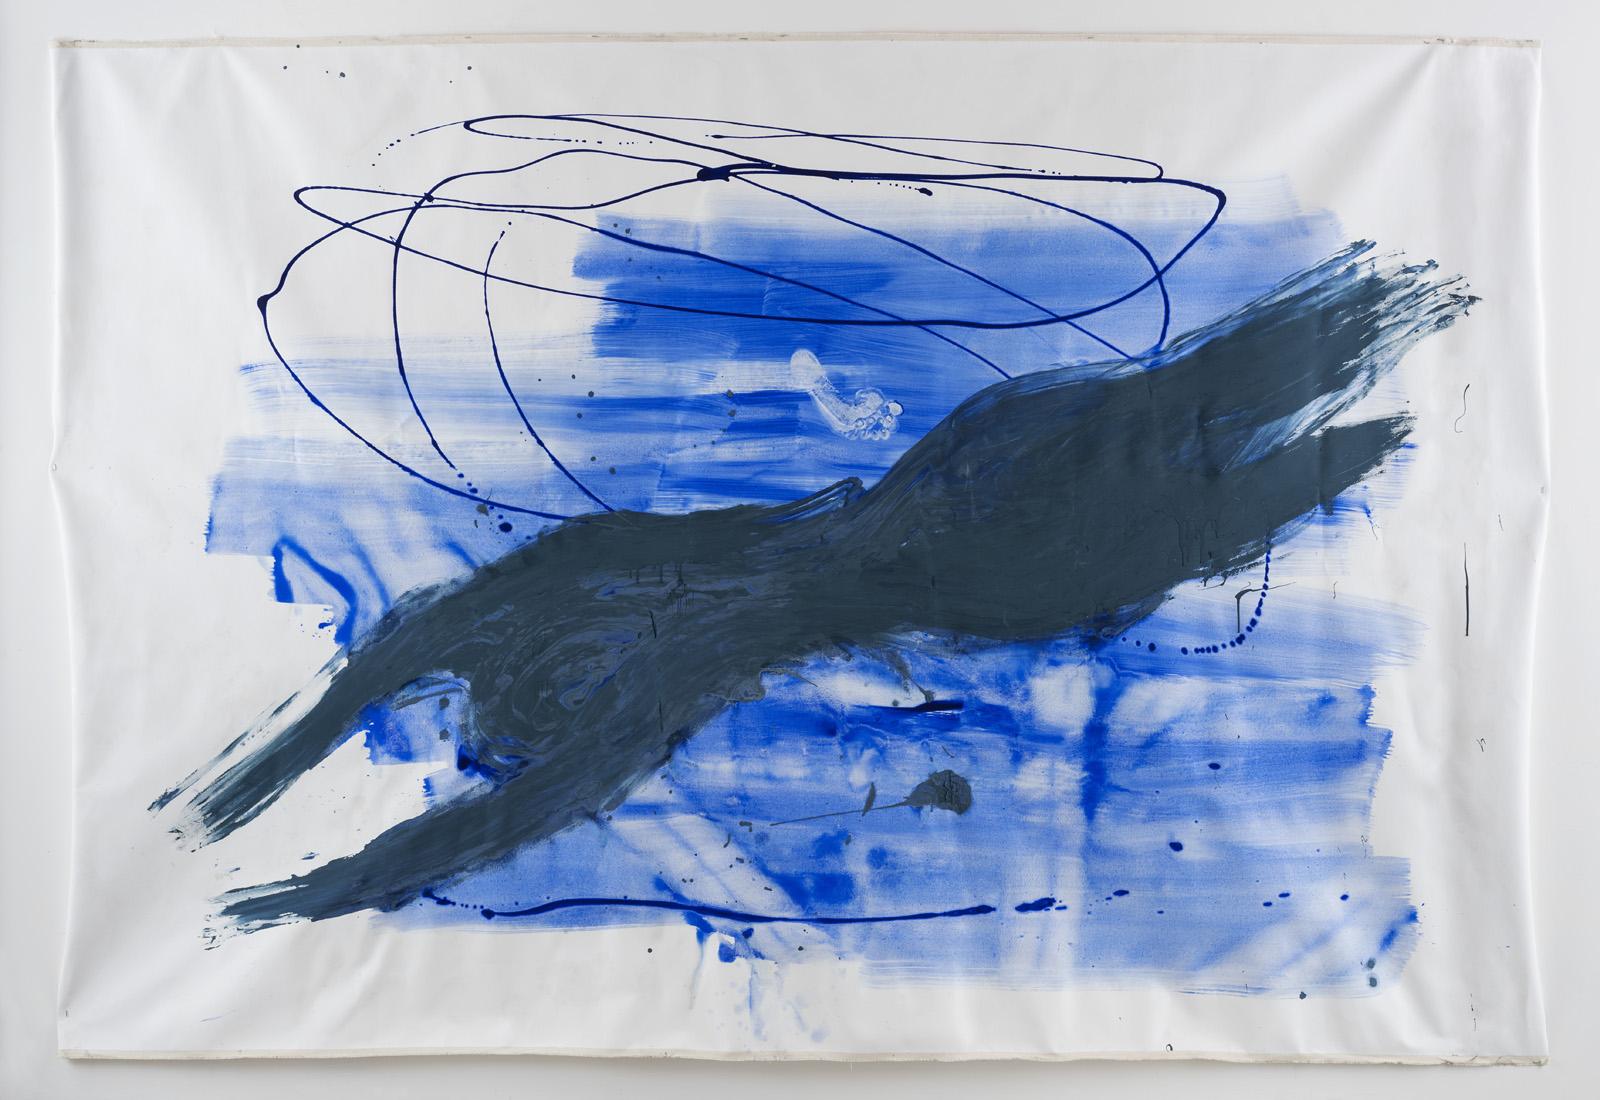 Diver, 2015 180 x 240cm, watercolour on canvas